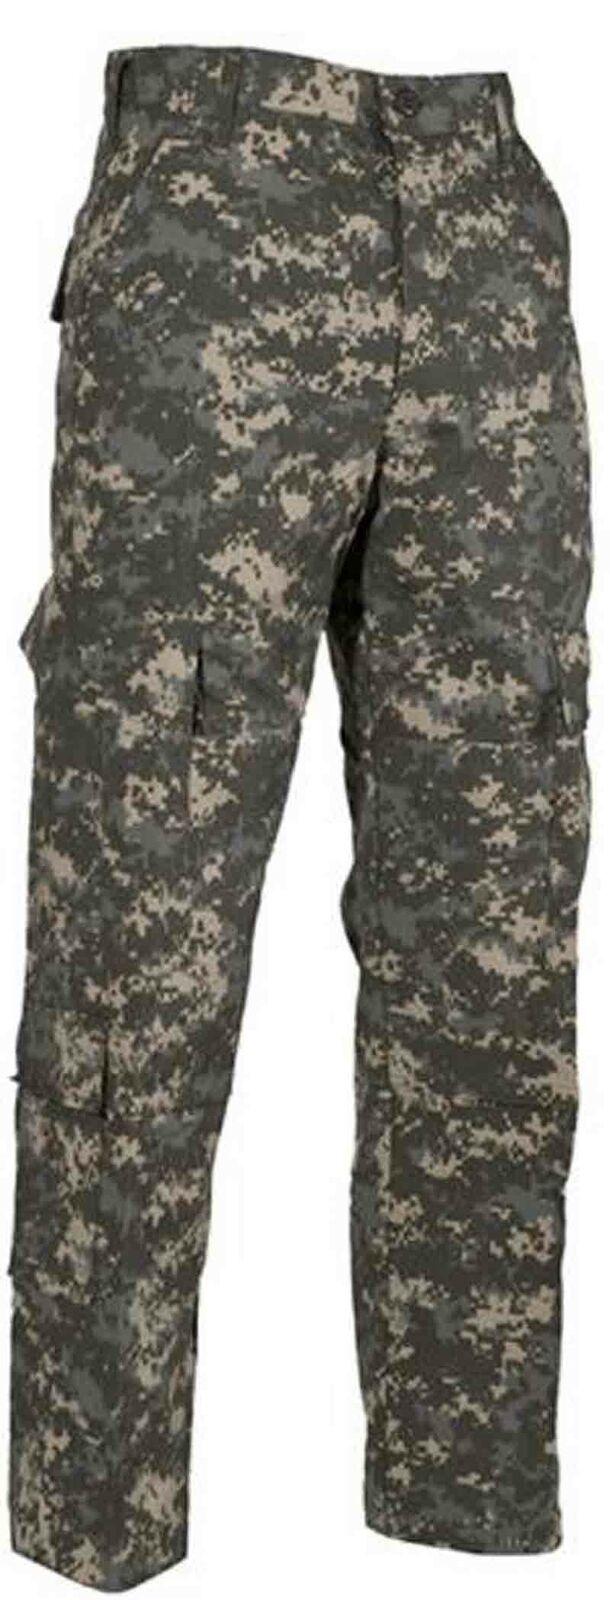 Us Acu Pantaloni Campo Campo Campo At-Digital Ripstop Esercito Militare Camo S-3XL db860f